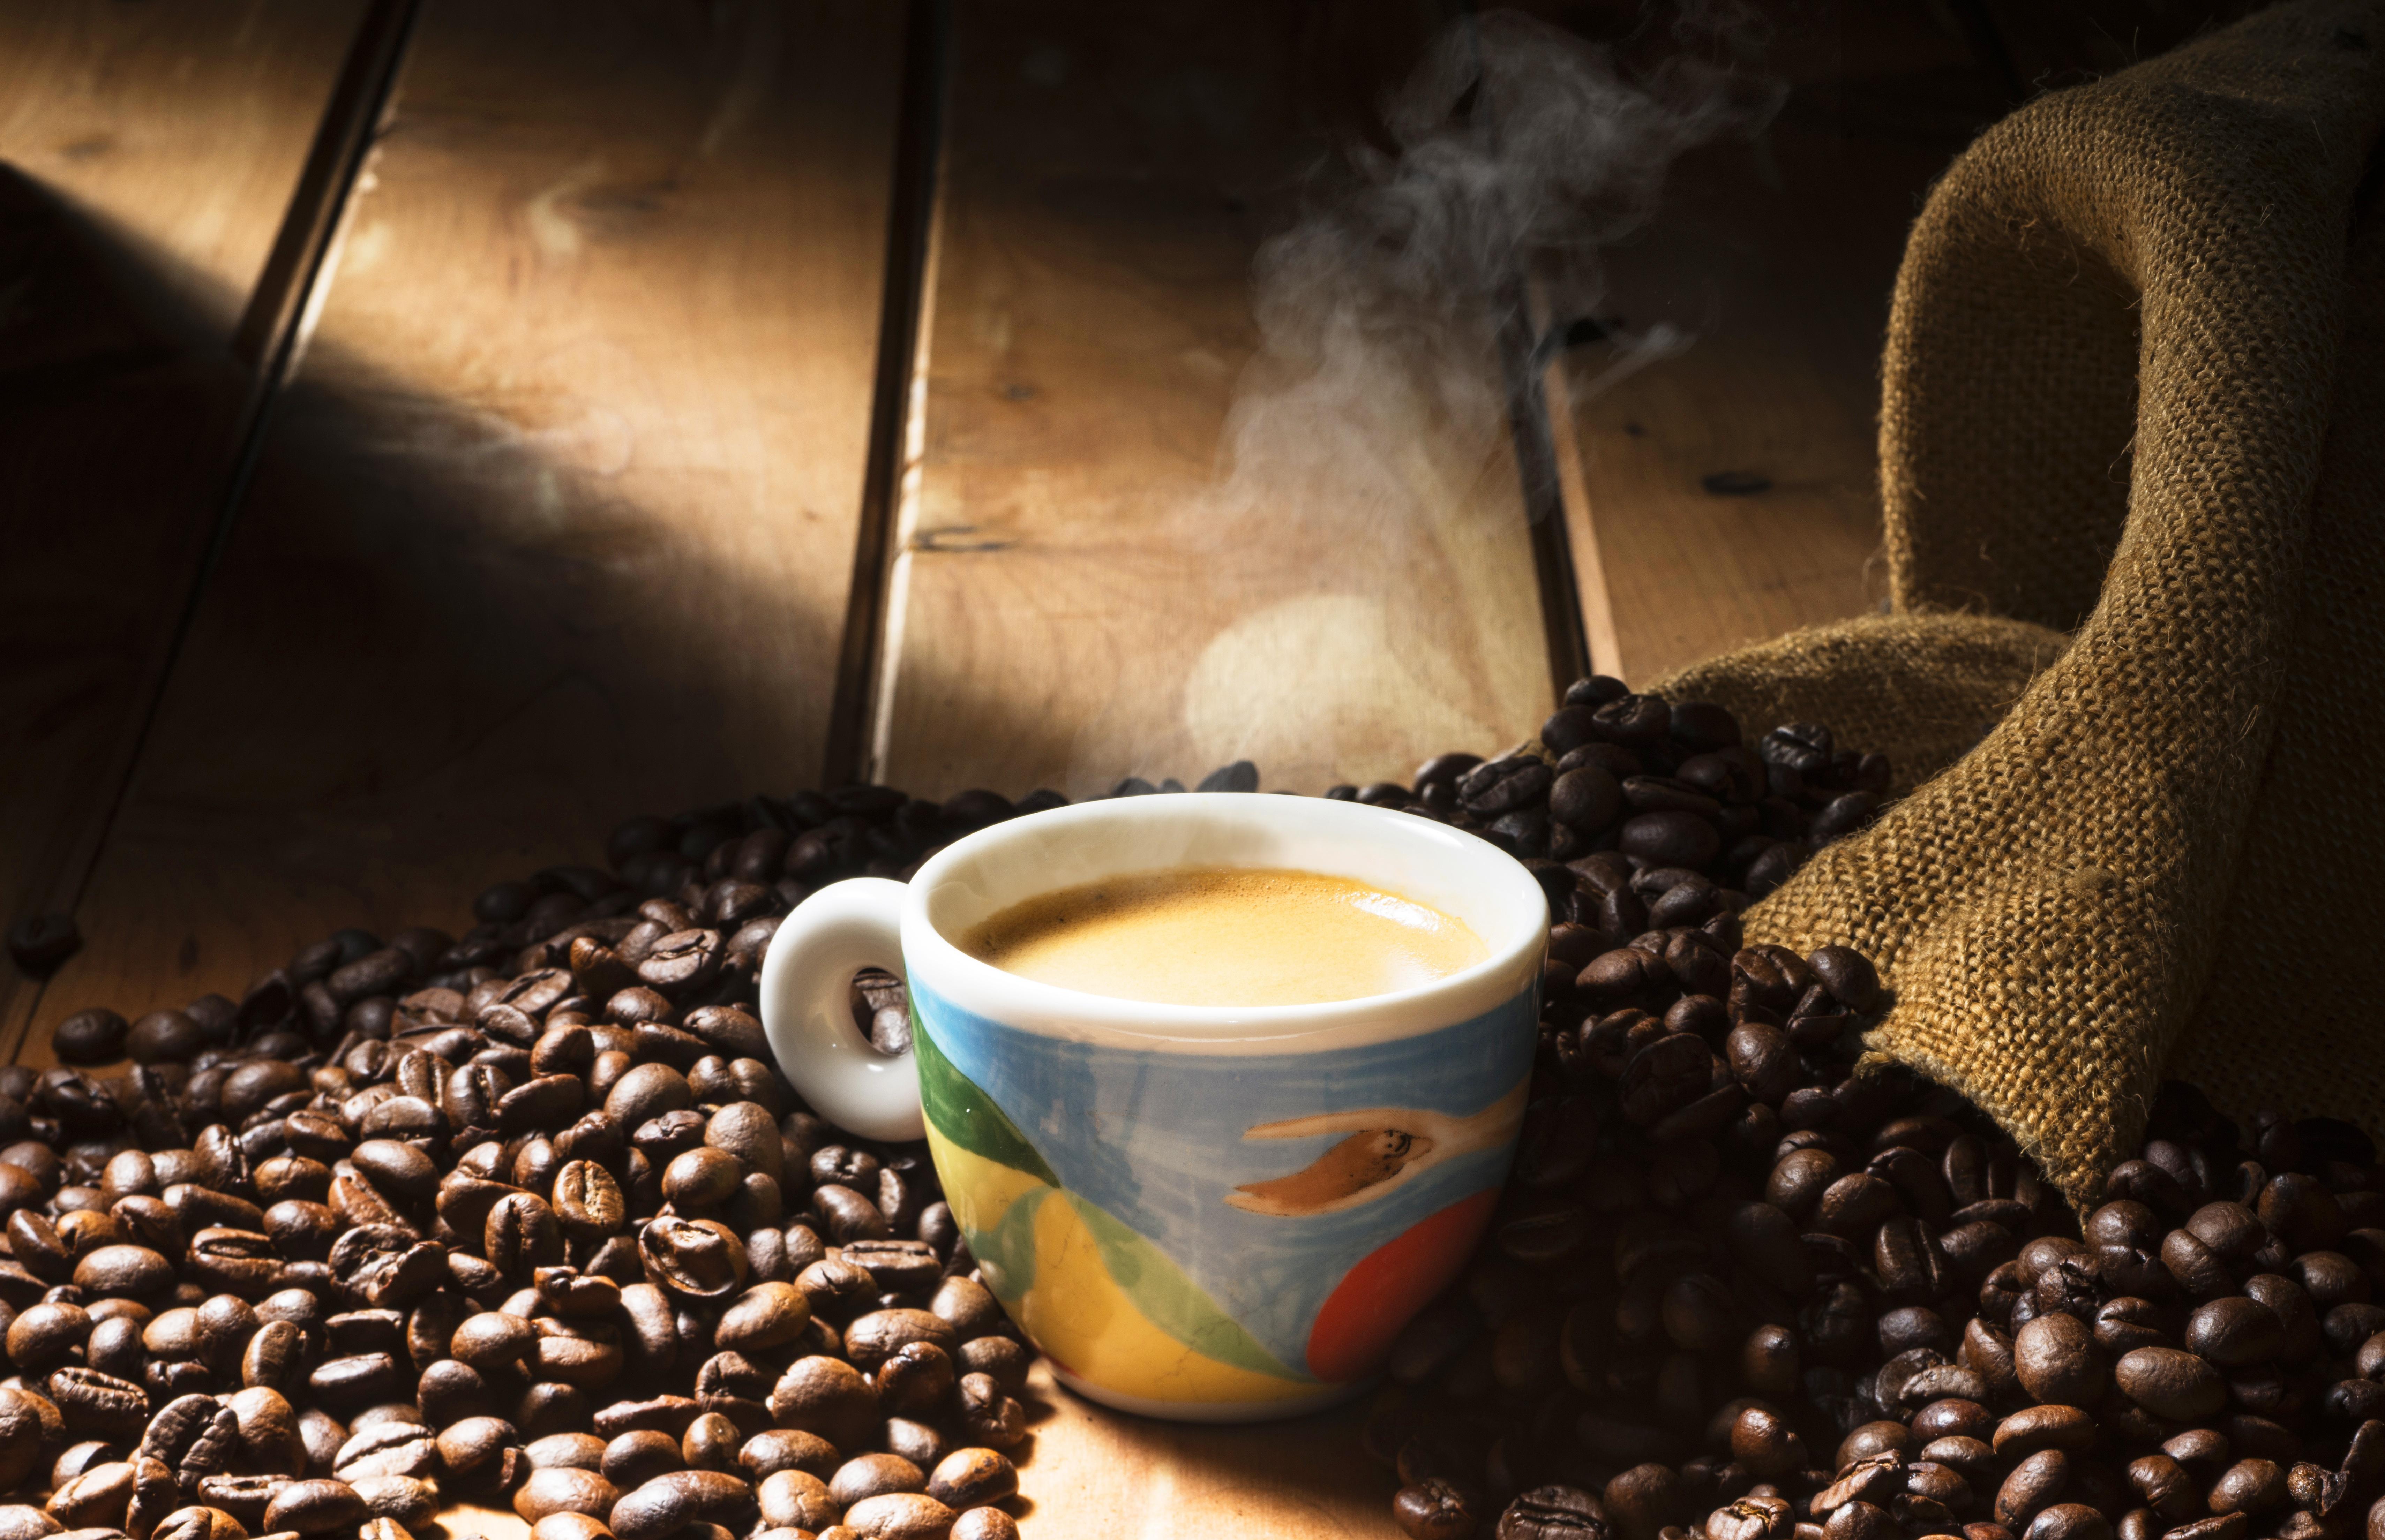 образования наилучшее фото о кофе популярностью конвертики